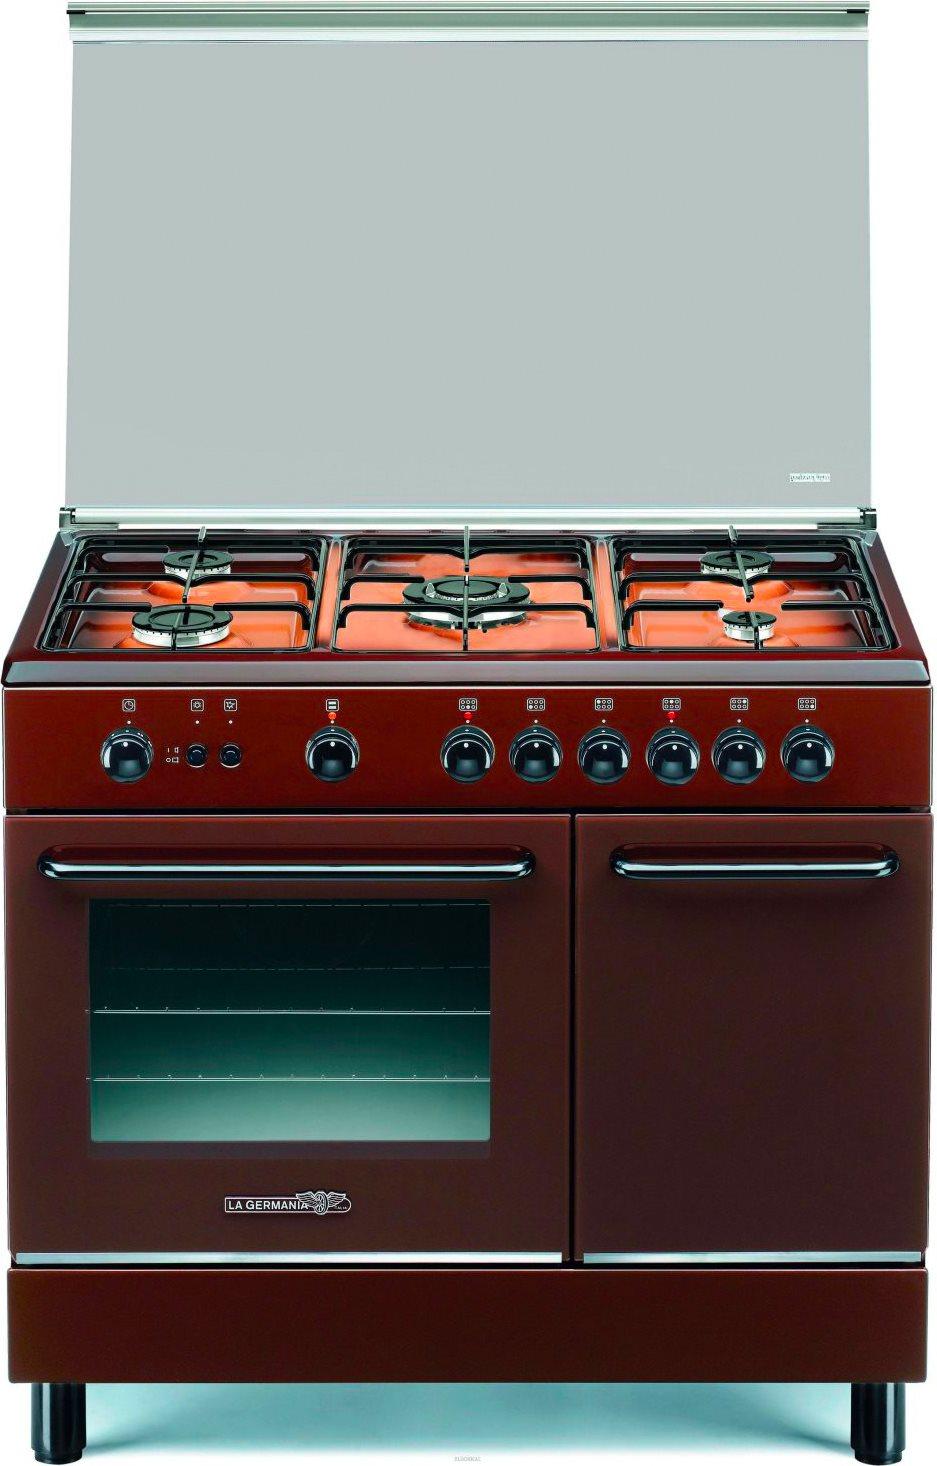 La germania cucina a gas 5 fuochi con forno a gas - Cucine a gas la germania ...